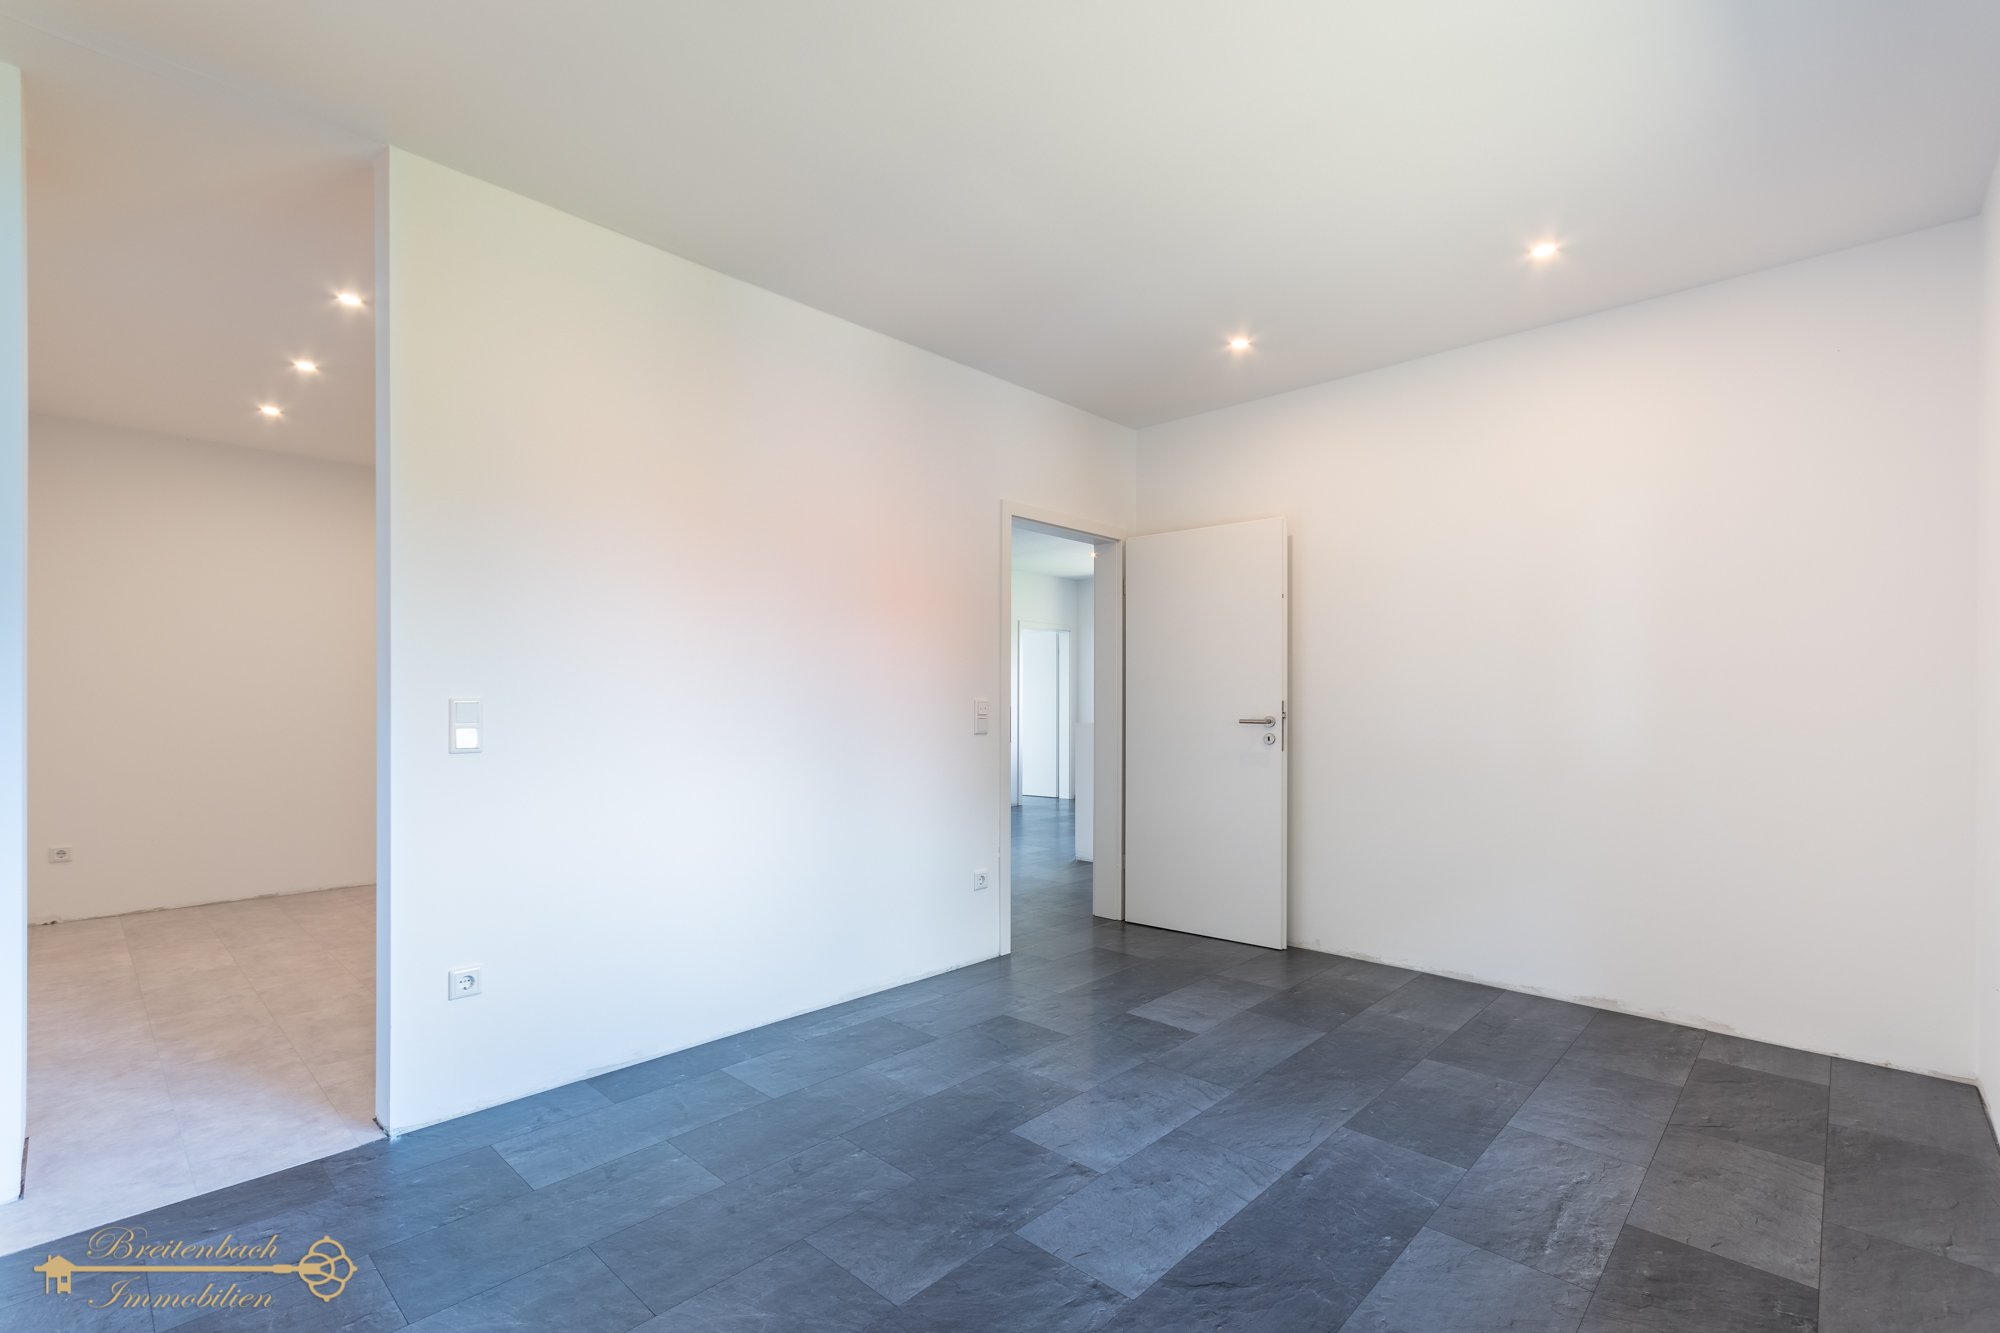 2020-07-03-Breitenbach-Immobilien-27